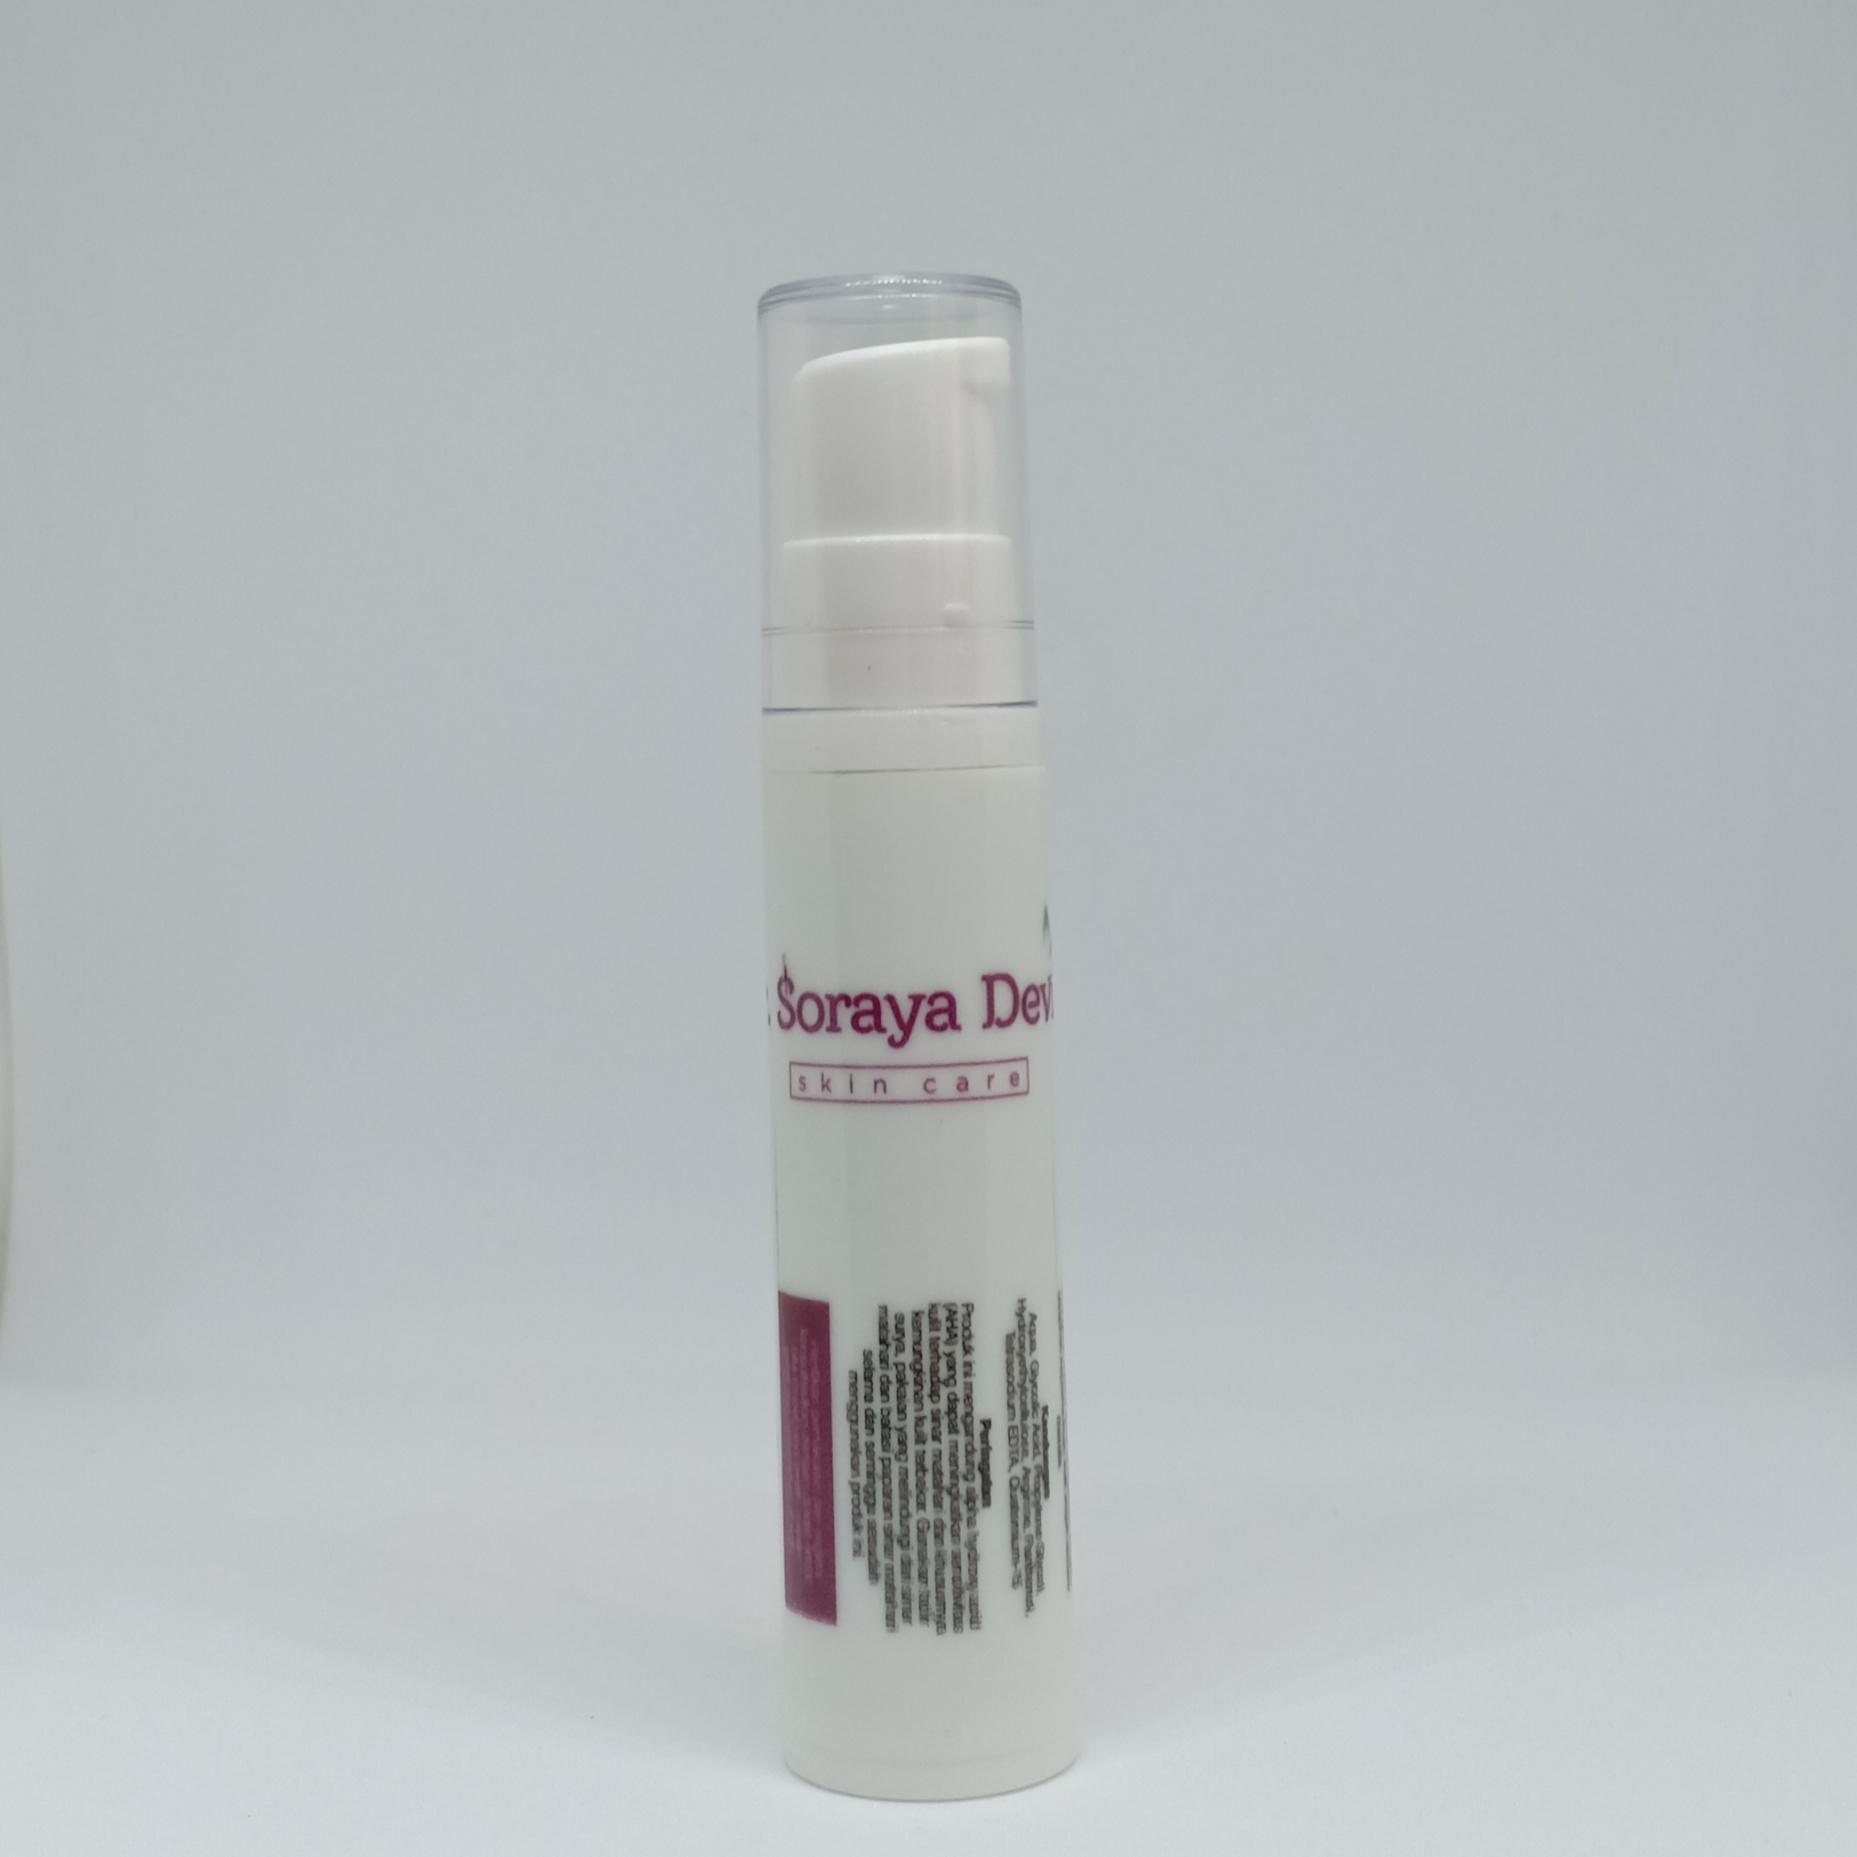 dr. Soraya Devi Serum Skin Firming